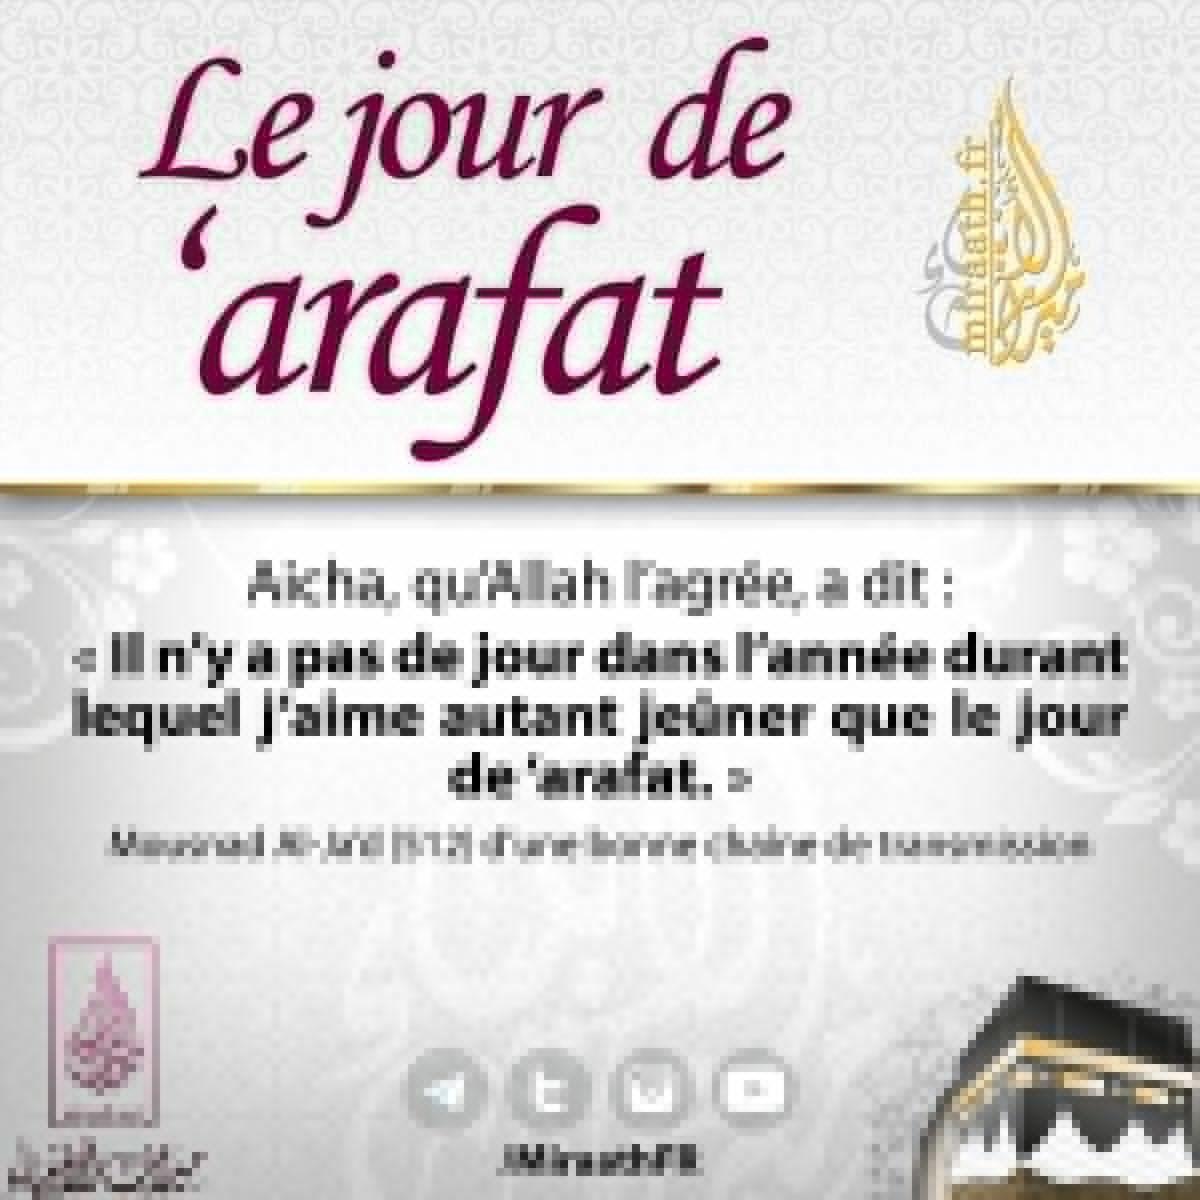 Le Jour de Arafat